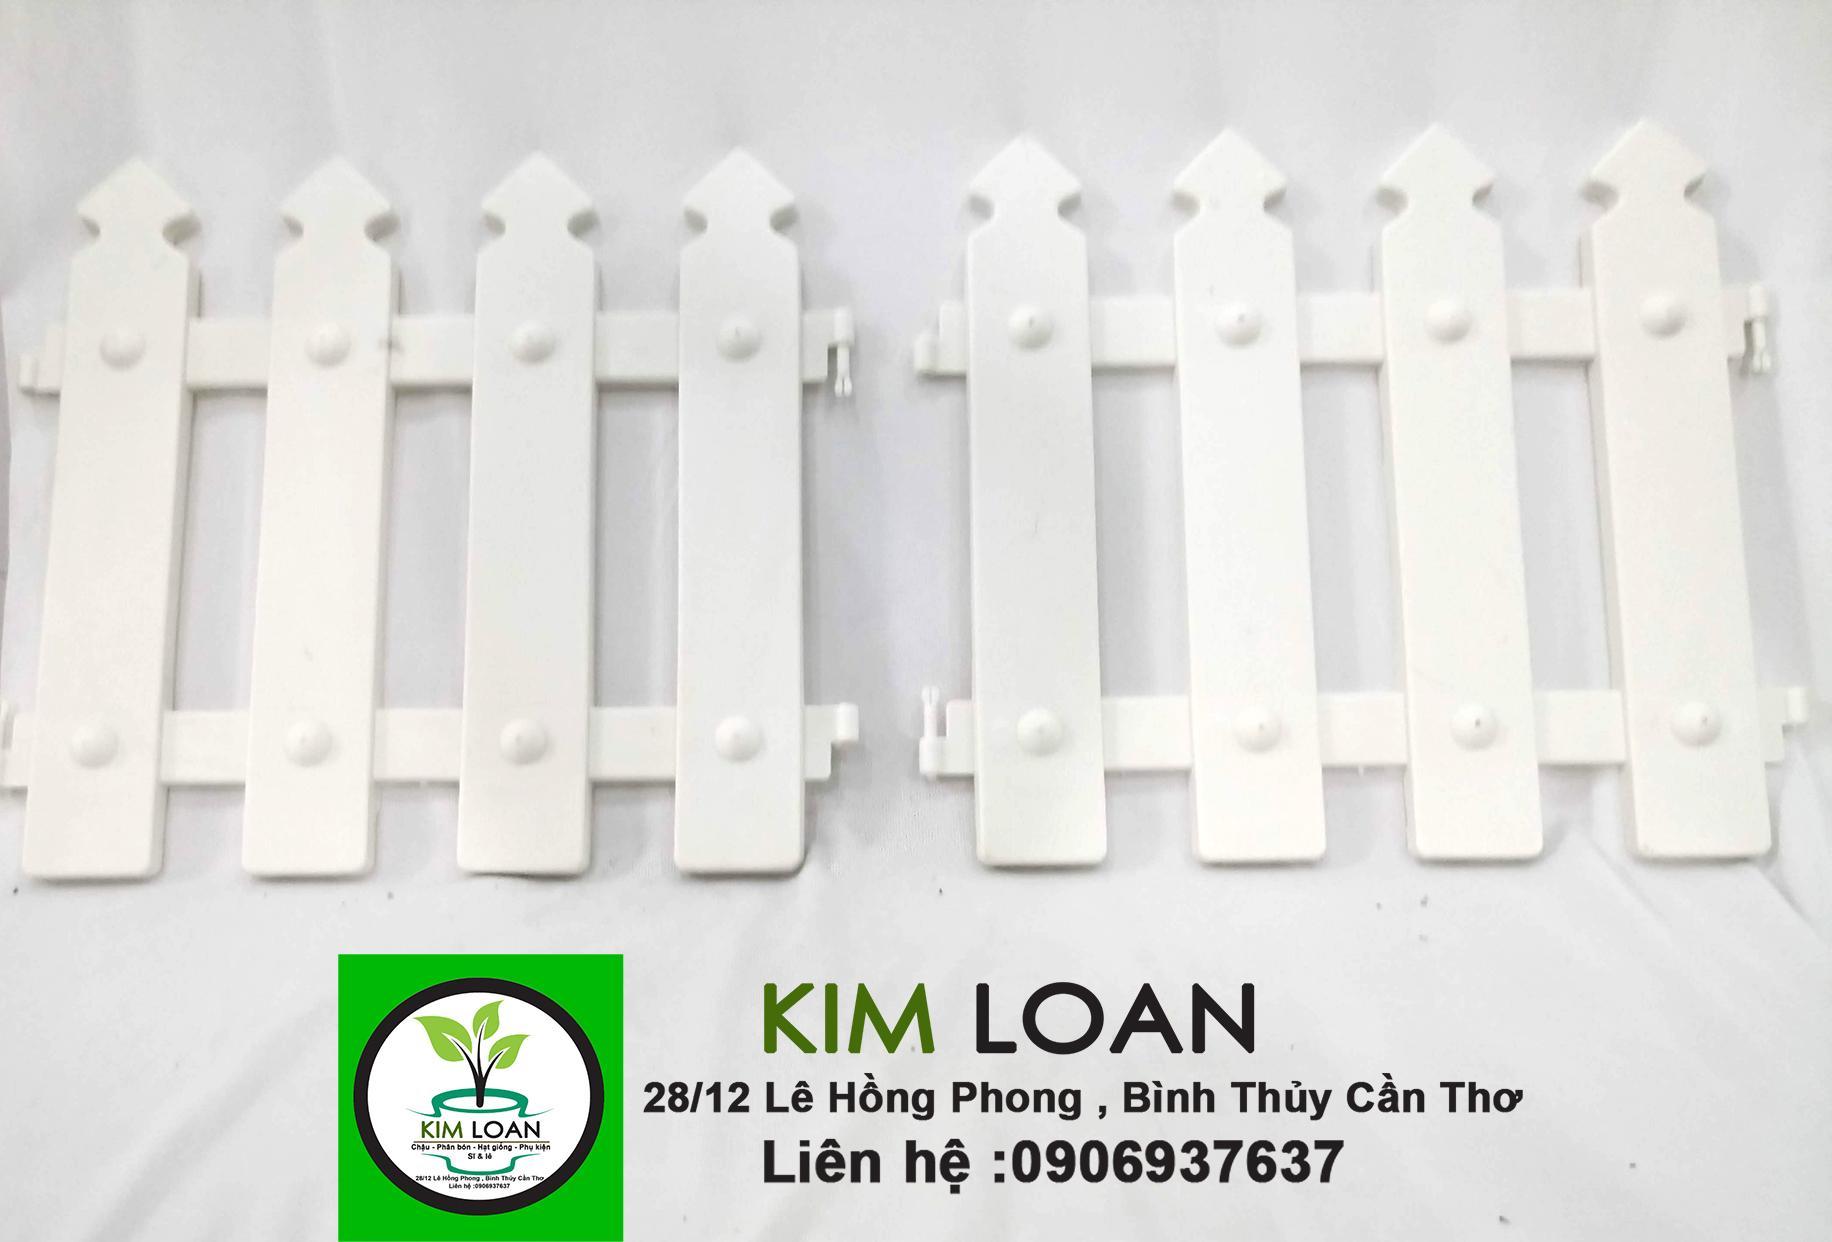 Combo 10 hàng rào nhựa chóp nhọn 30 x 30 x 1 cm